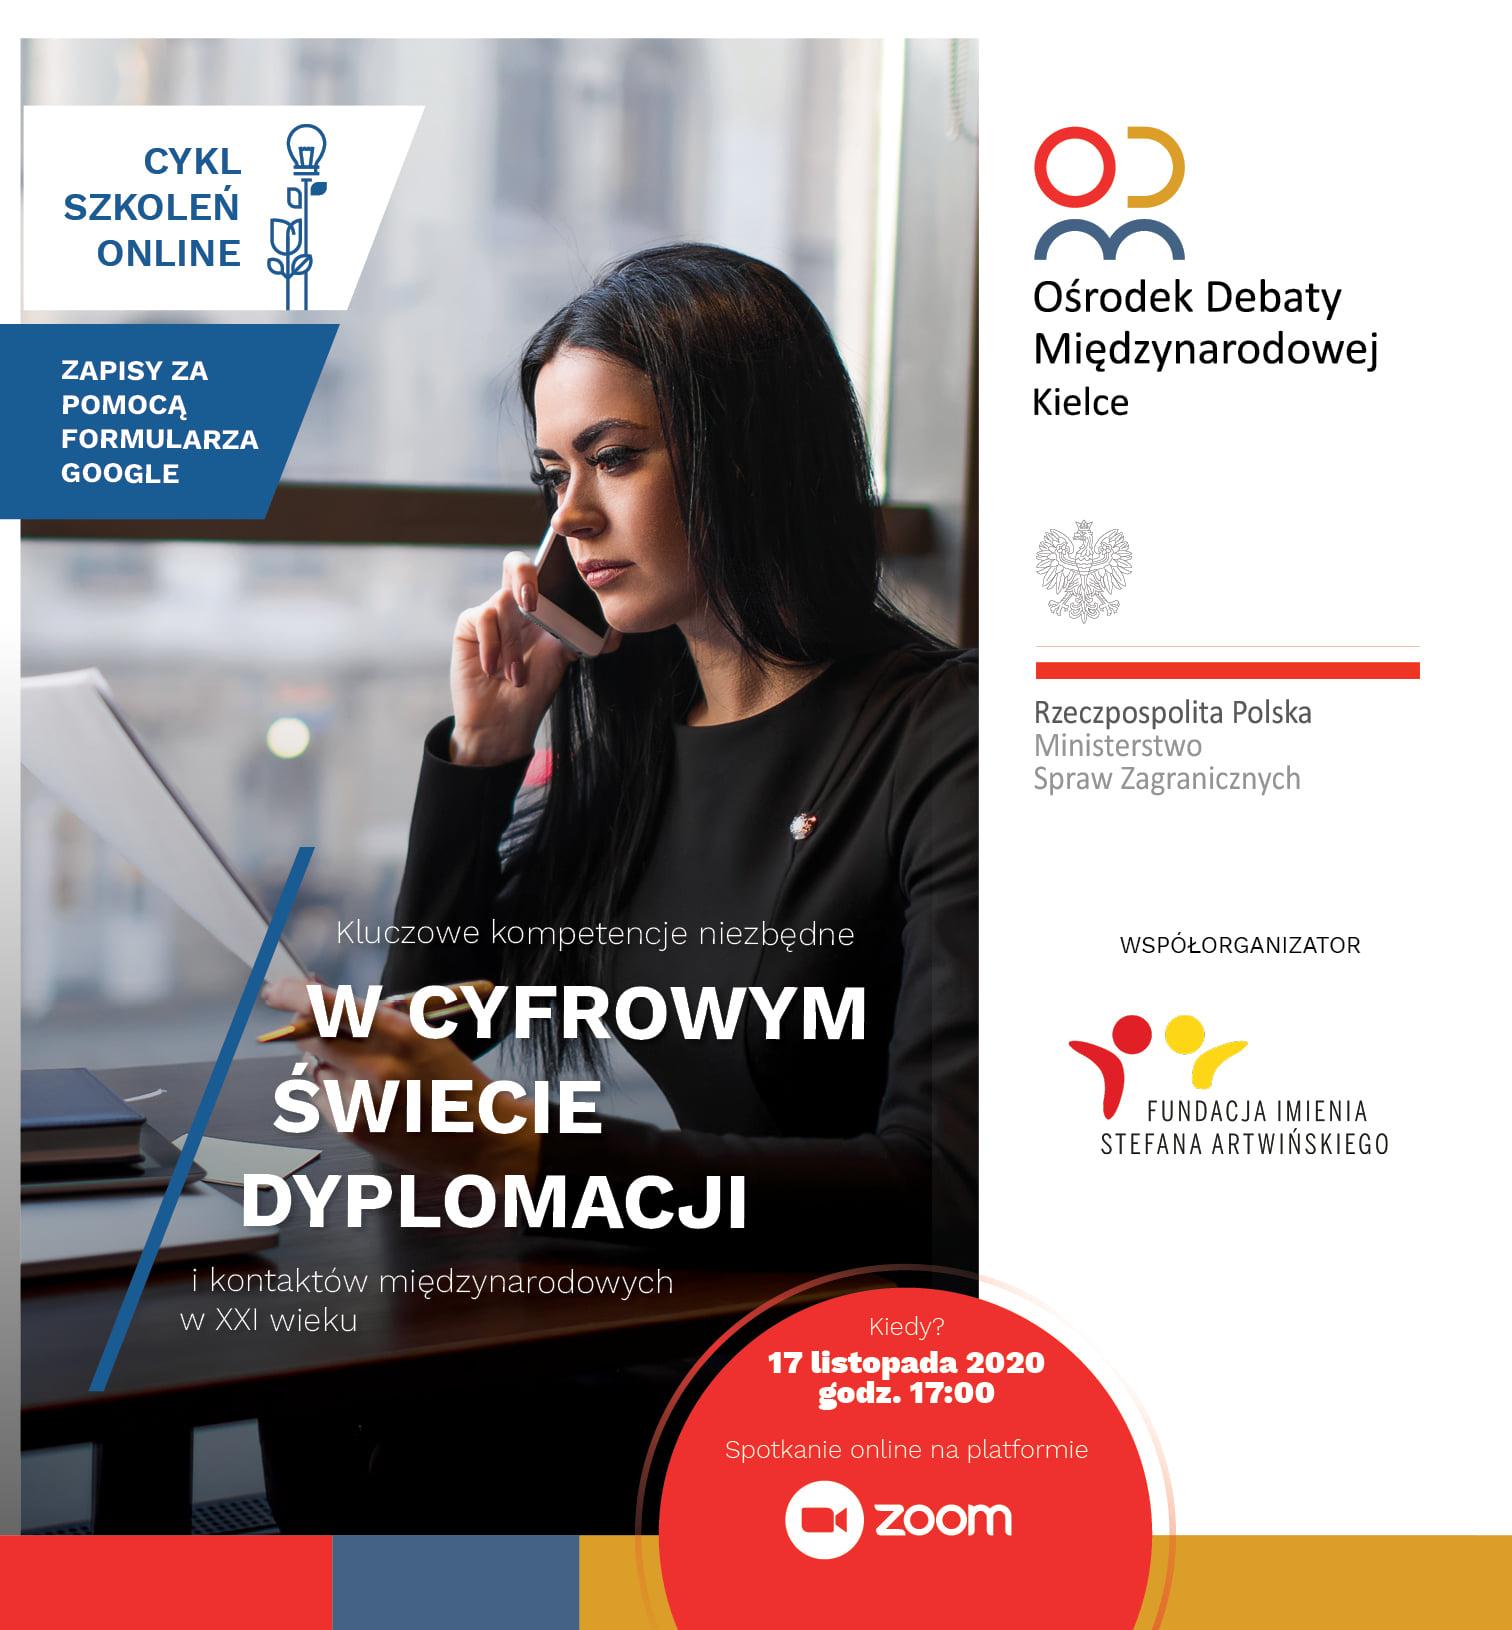 """""""Kluczowe kompetencje niezbędne w cyfrowym świecie dyplomacji i kontaktów międzynarodowych w XXI wieku. """""""